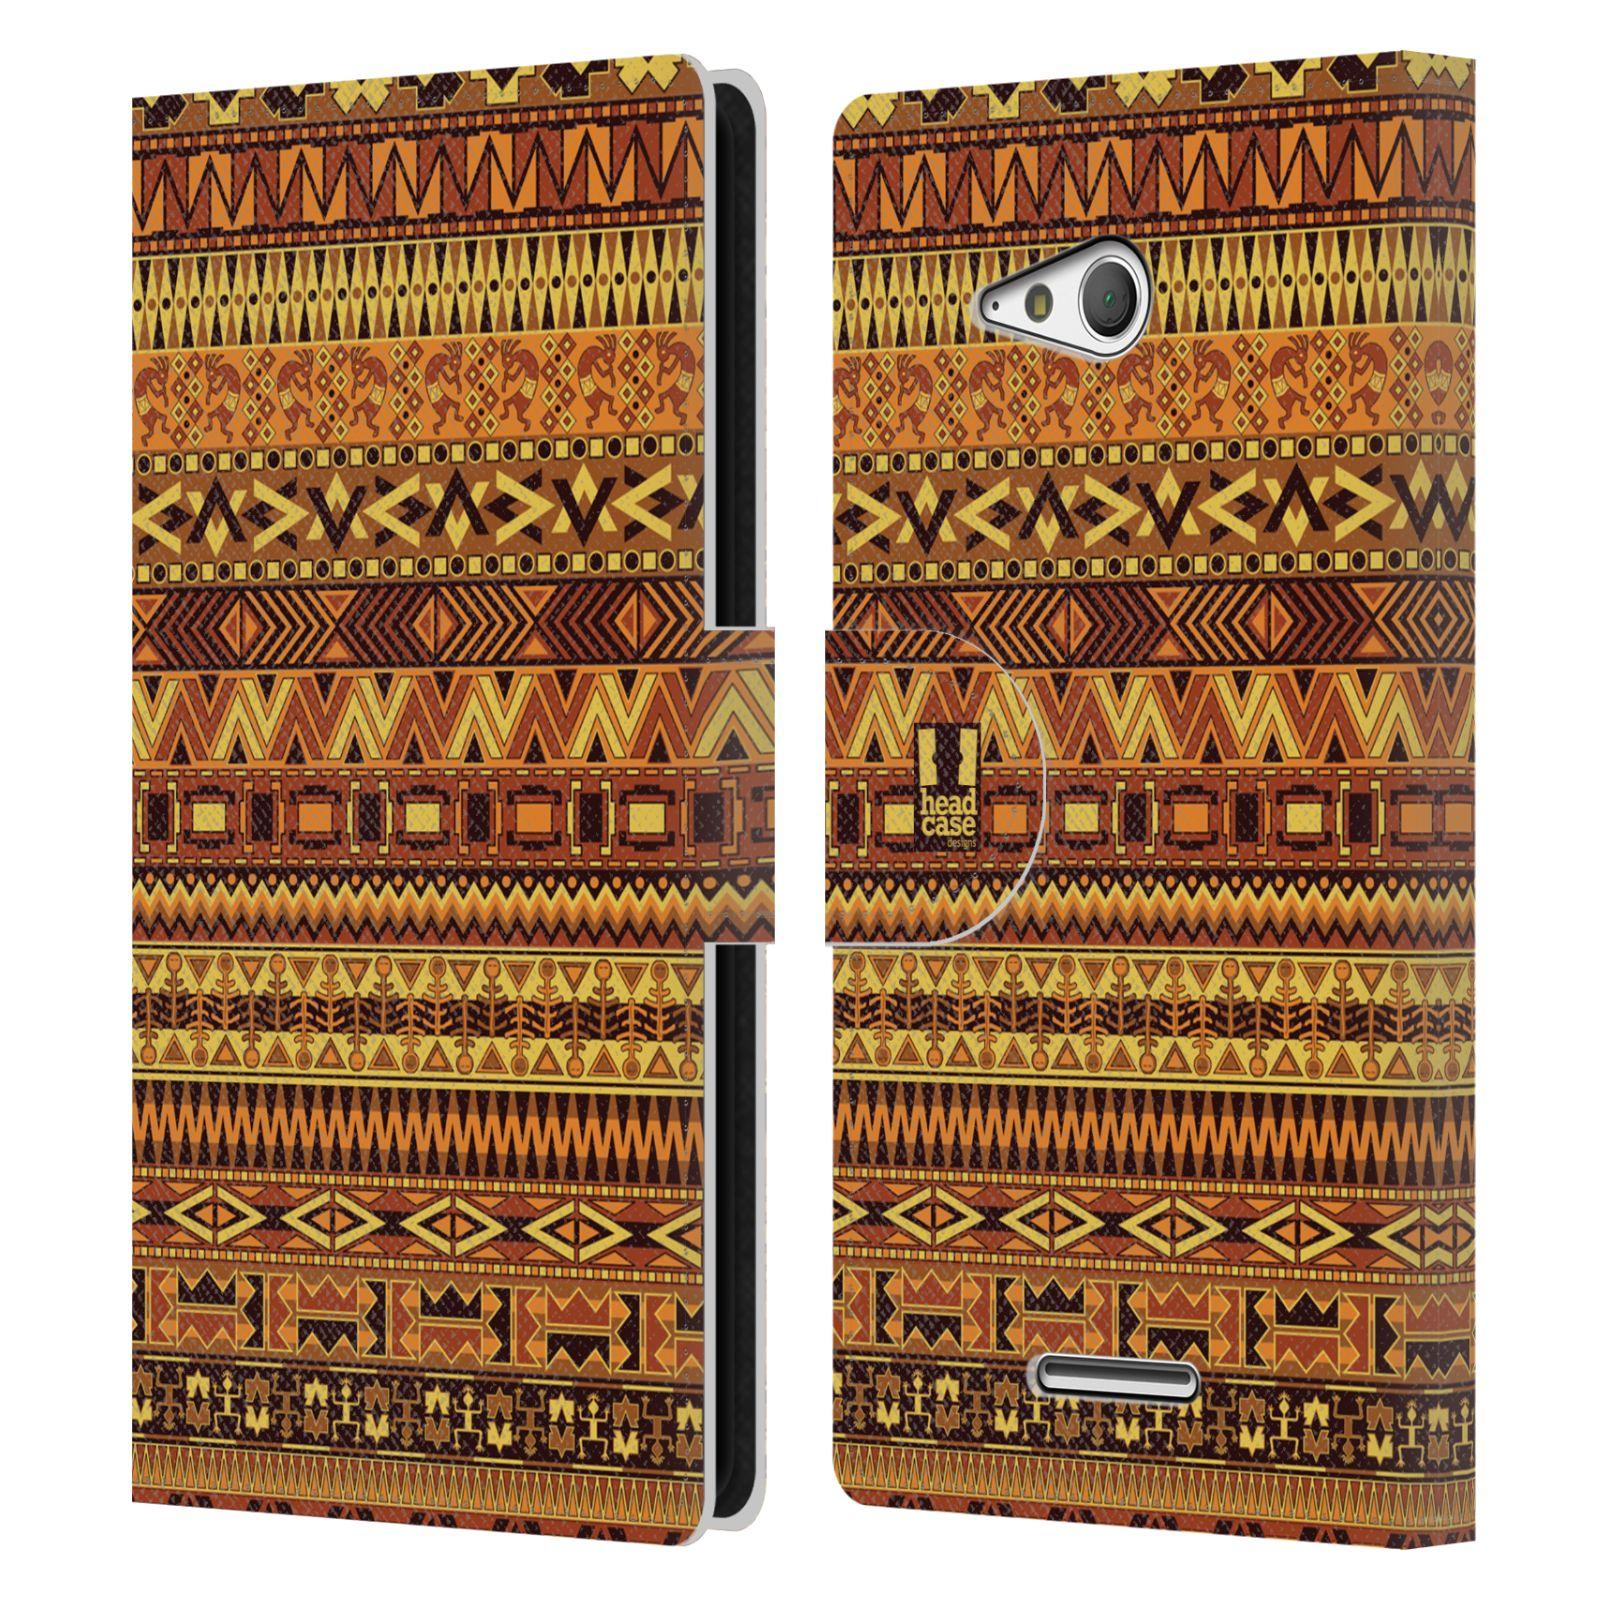 HEAD CASE Flipové pouzdro pro mobil SONY XPERIA E4g Indiánský vzor YELLOW žlutá